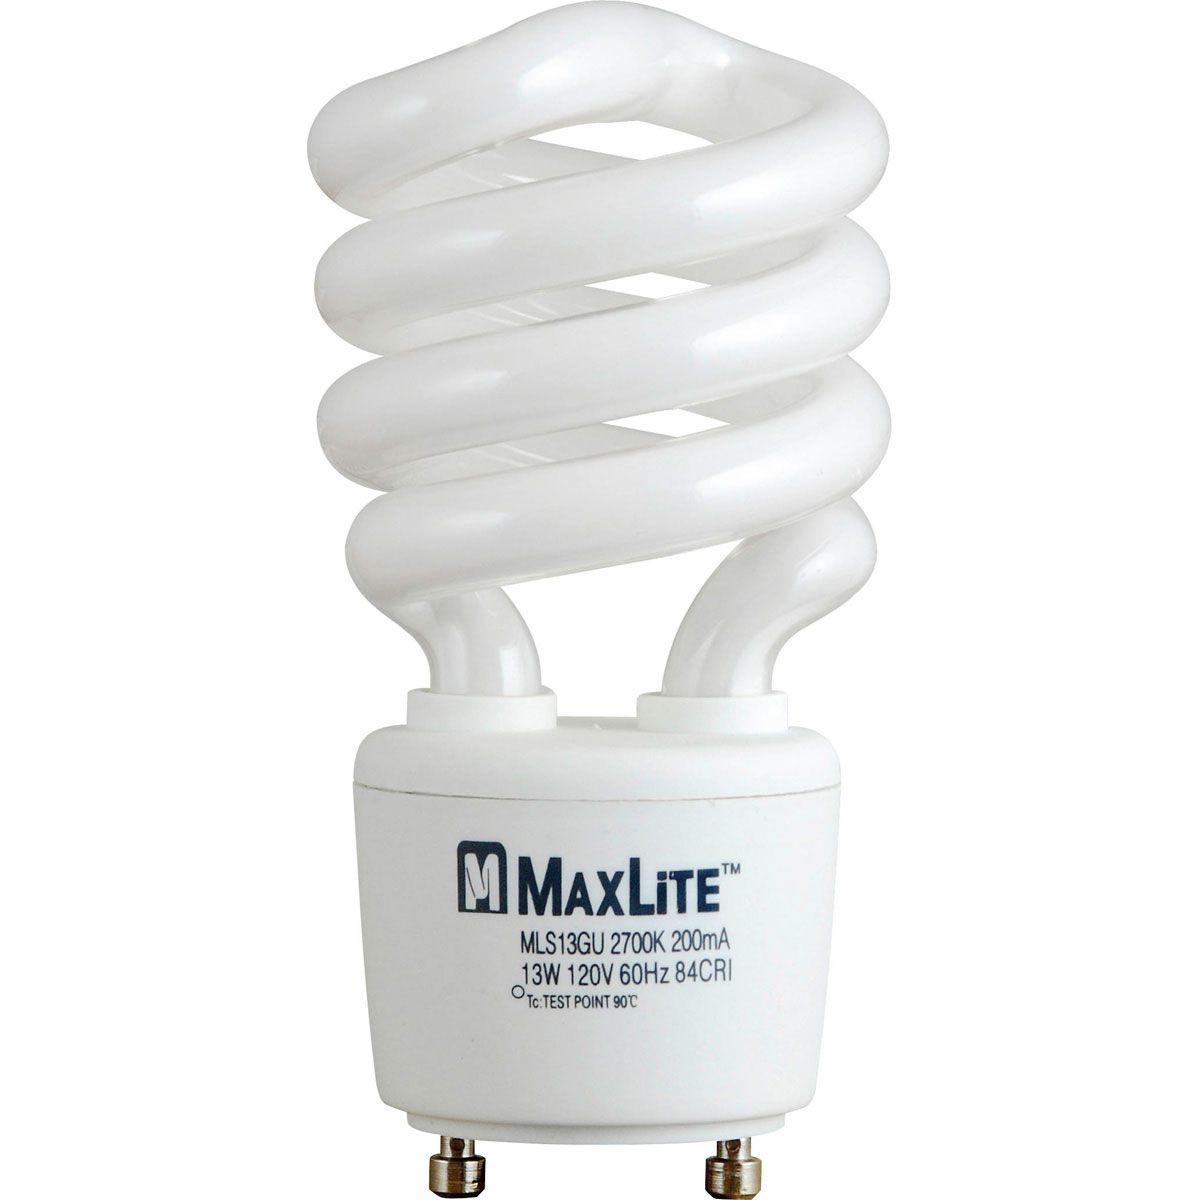 13w Compact Fluorescent Light Bulb